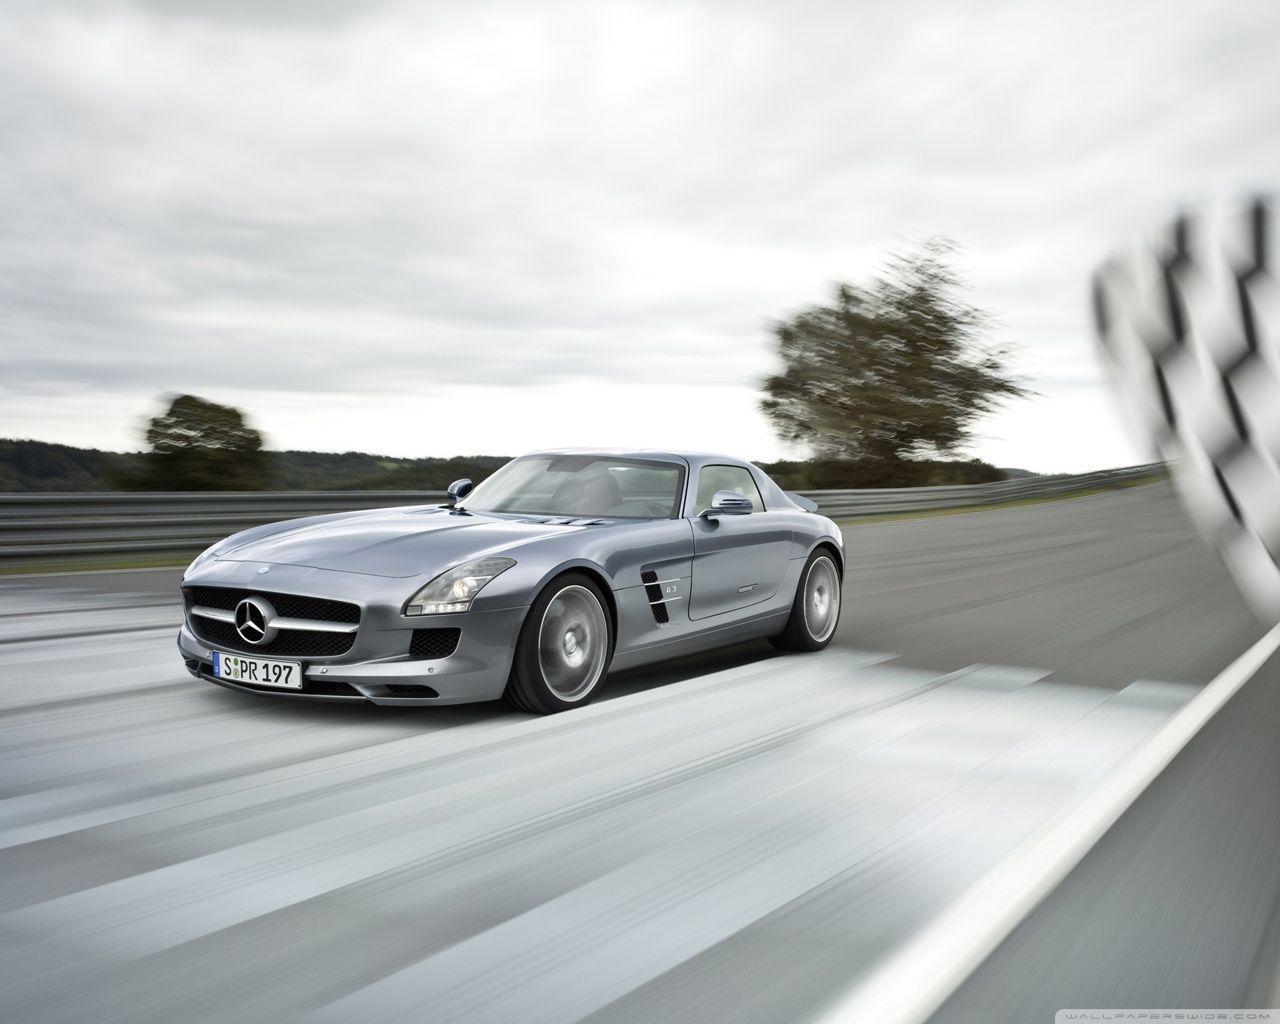 Mercedes Benz Sls Amg Supercar Hd Desktop Wallpaper Mobile